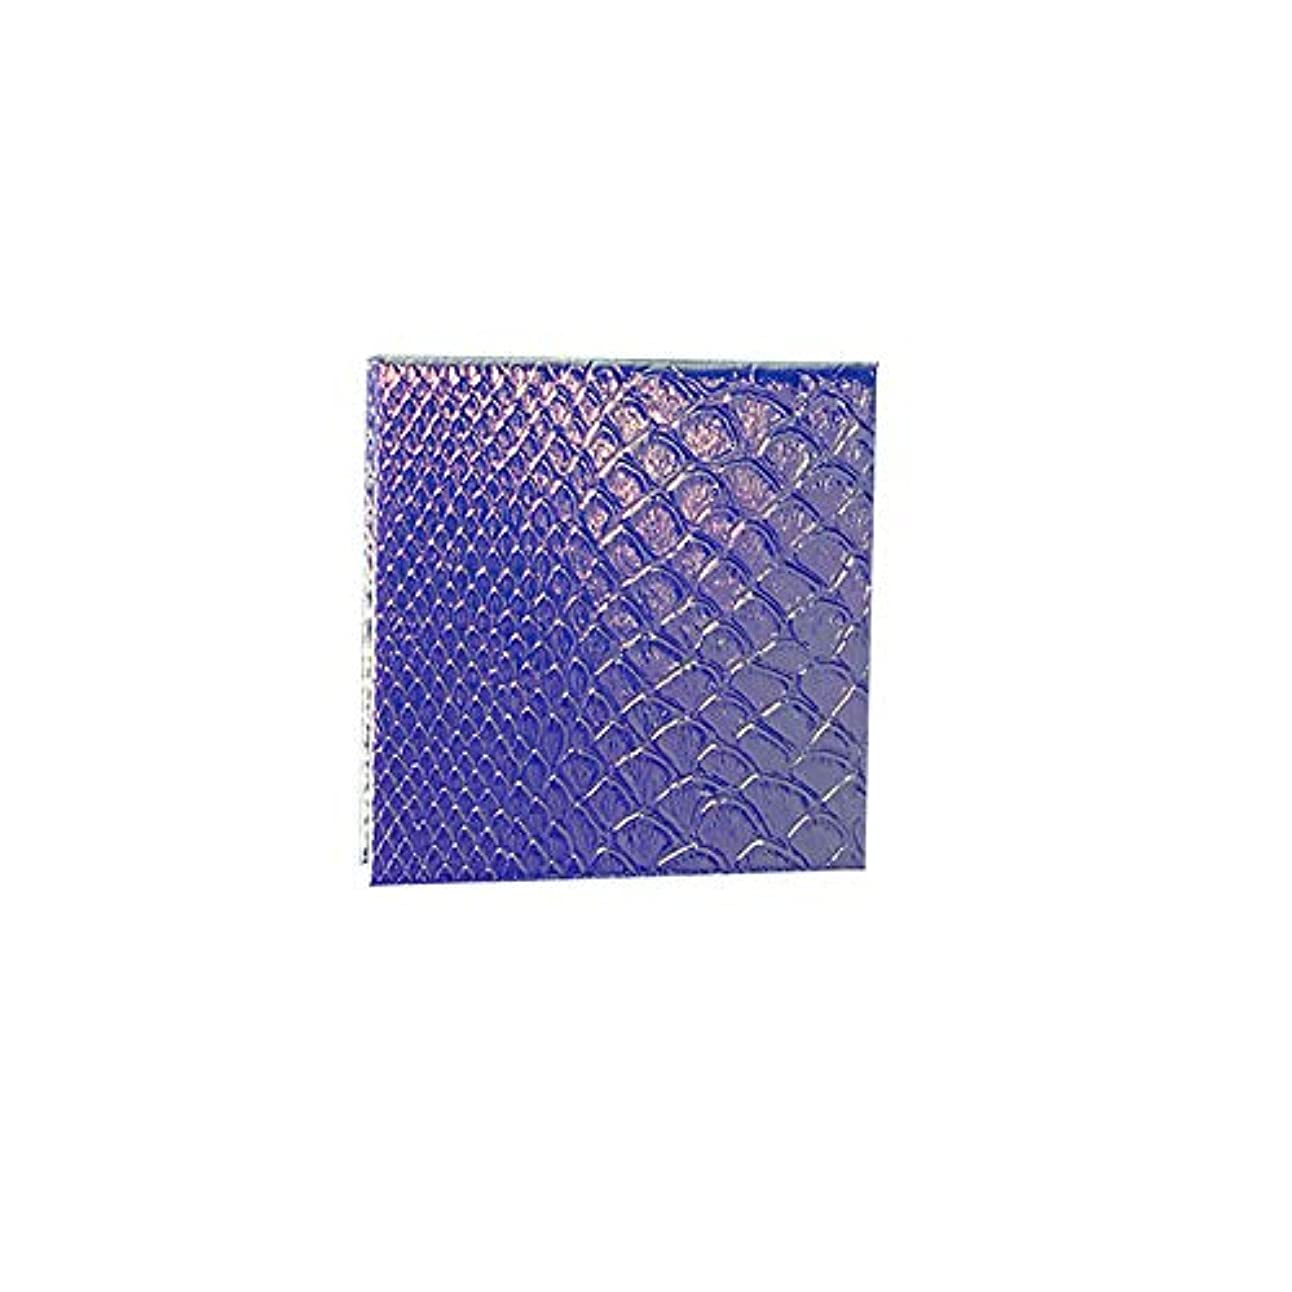 全体プラットフォーム安全な空の化粧アイシャドーパレット磁気空パレット接着剤空のパレット金属ステッカー空のパレットキット(S)